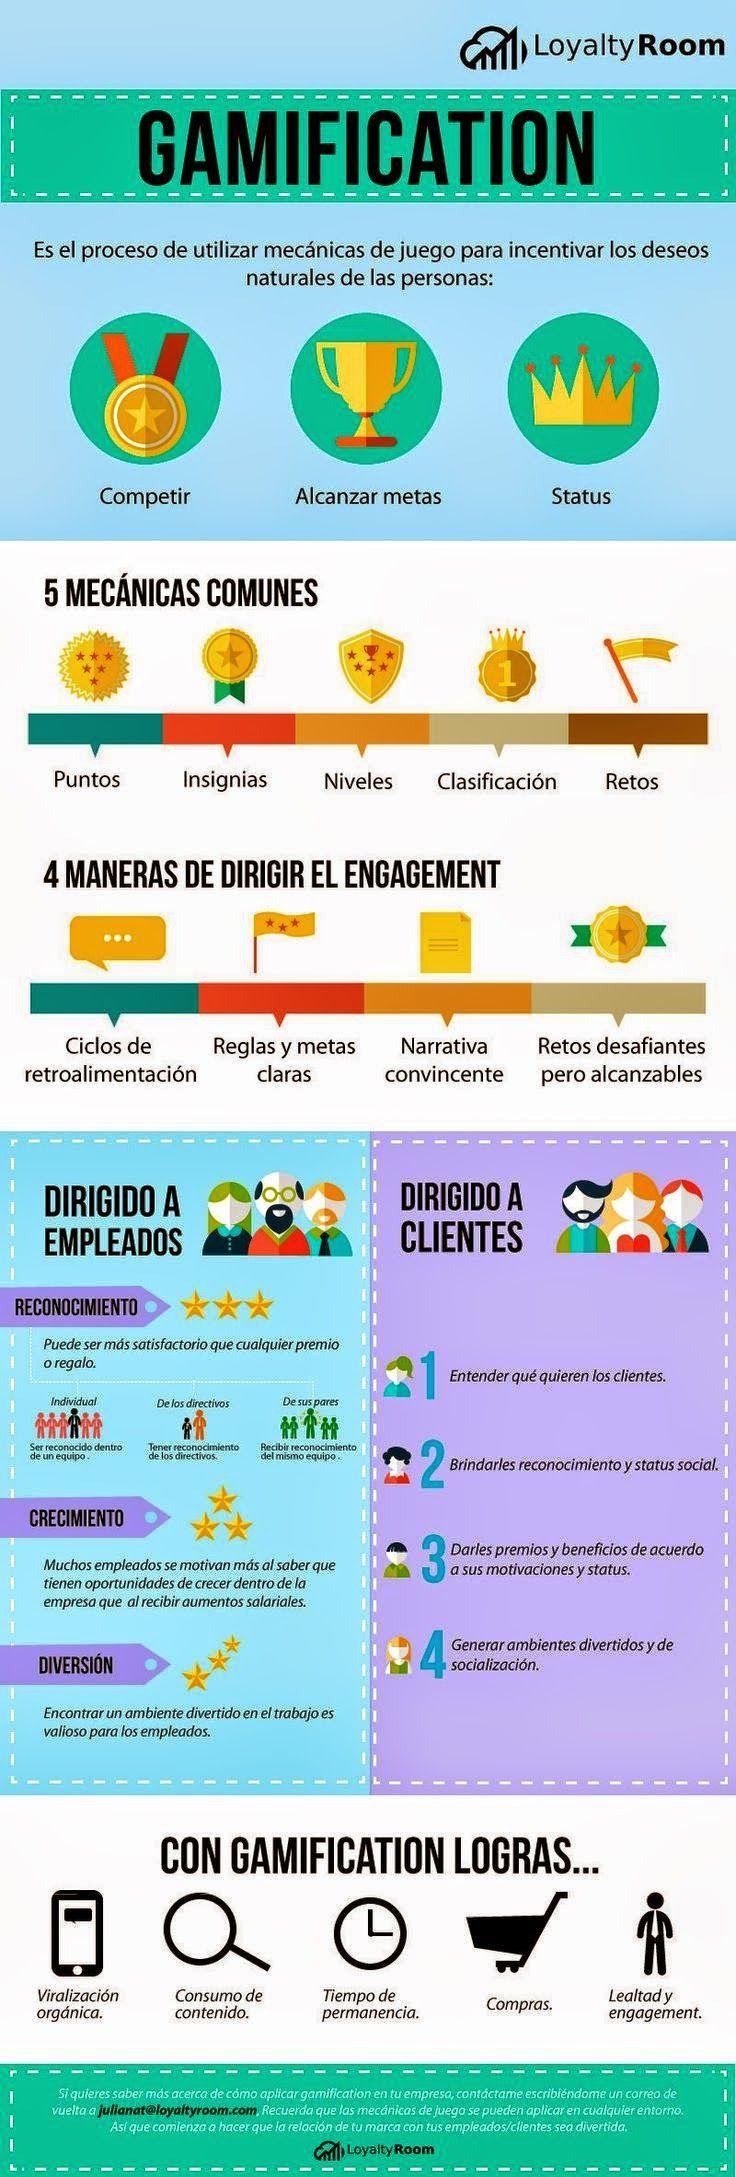 Marketing Online, #Gamificación: ¿Qué es la Gamificación?